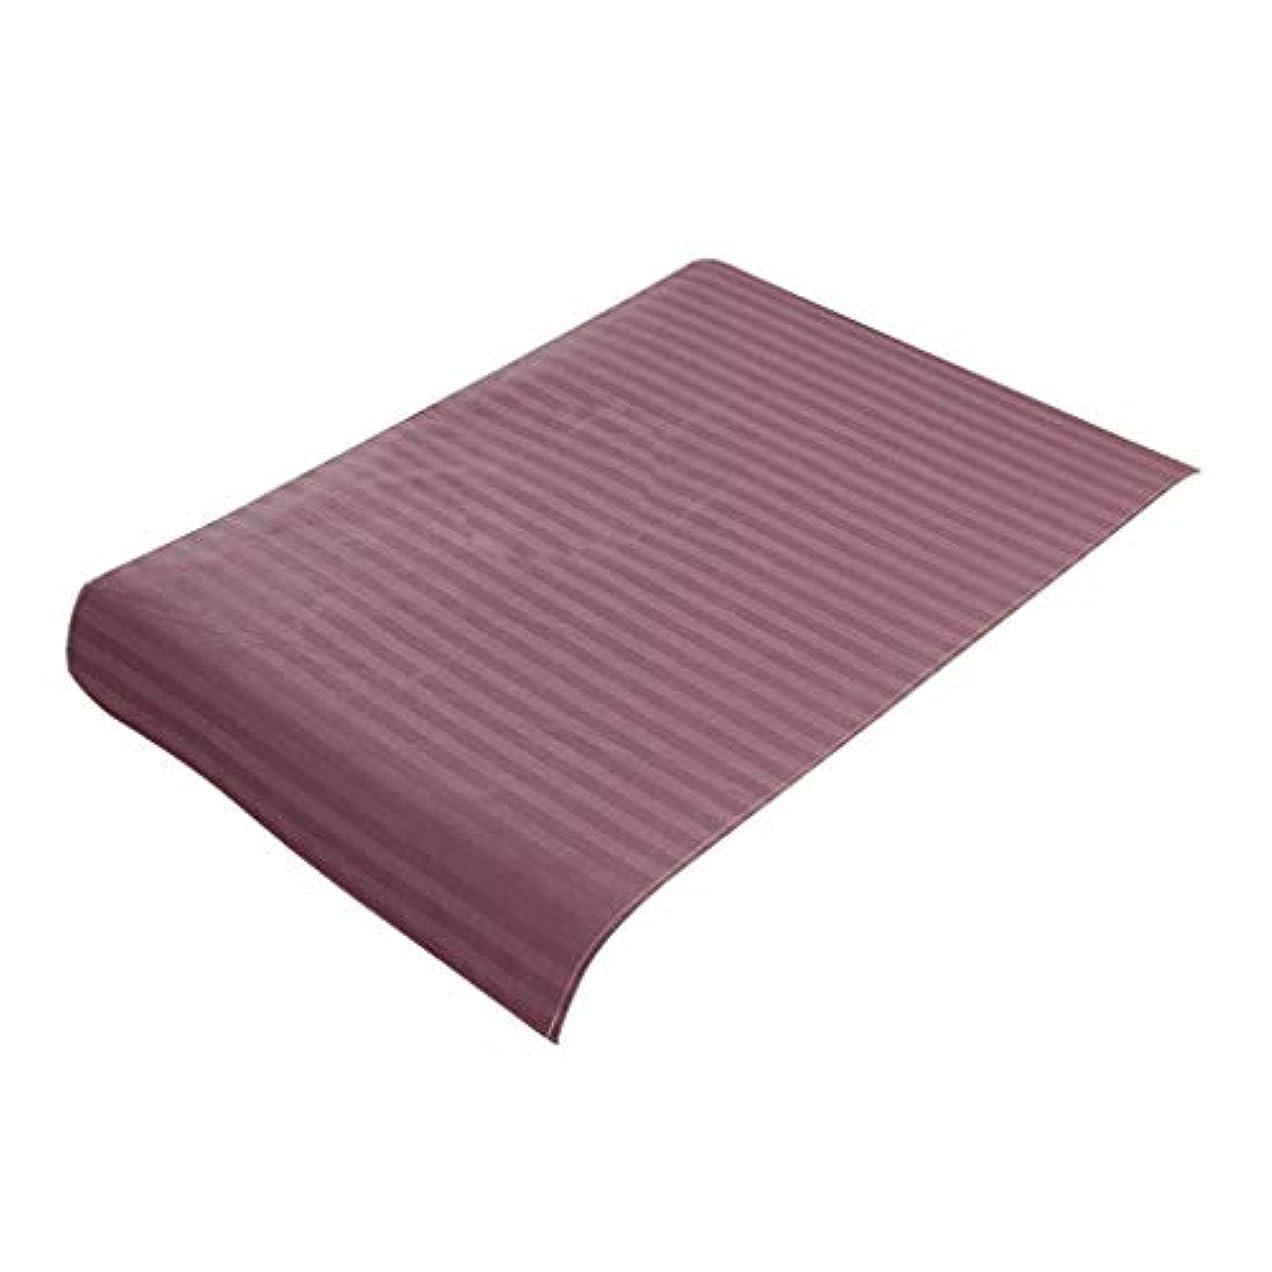 哲学静かに隔離美容ベッドカバー マッサージ台スカート コットン生地 スパ マッサージベッドカバー 全7色 - 紫